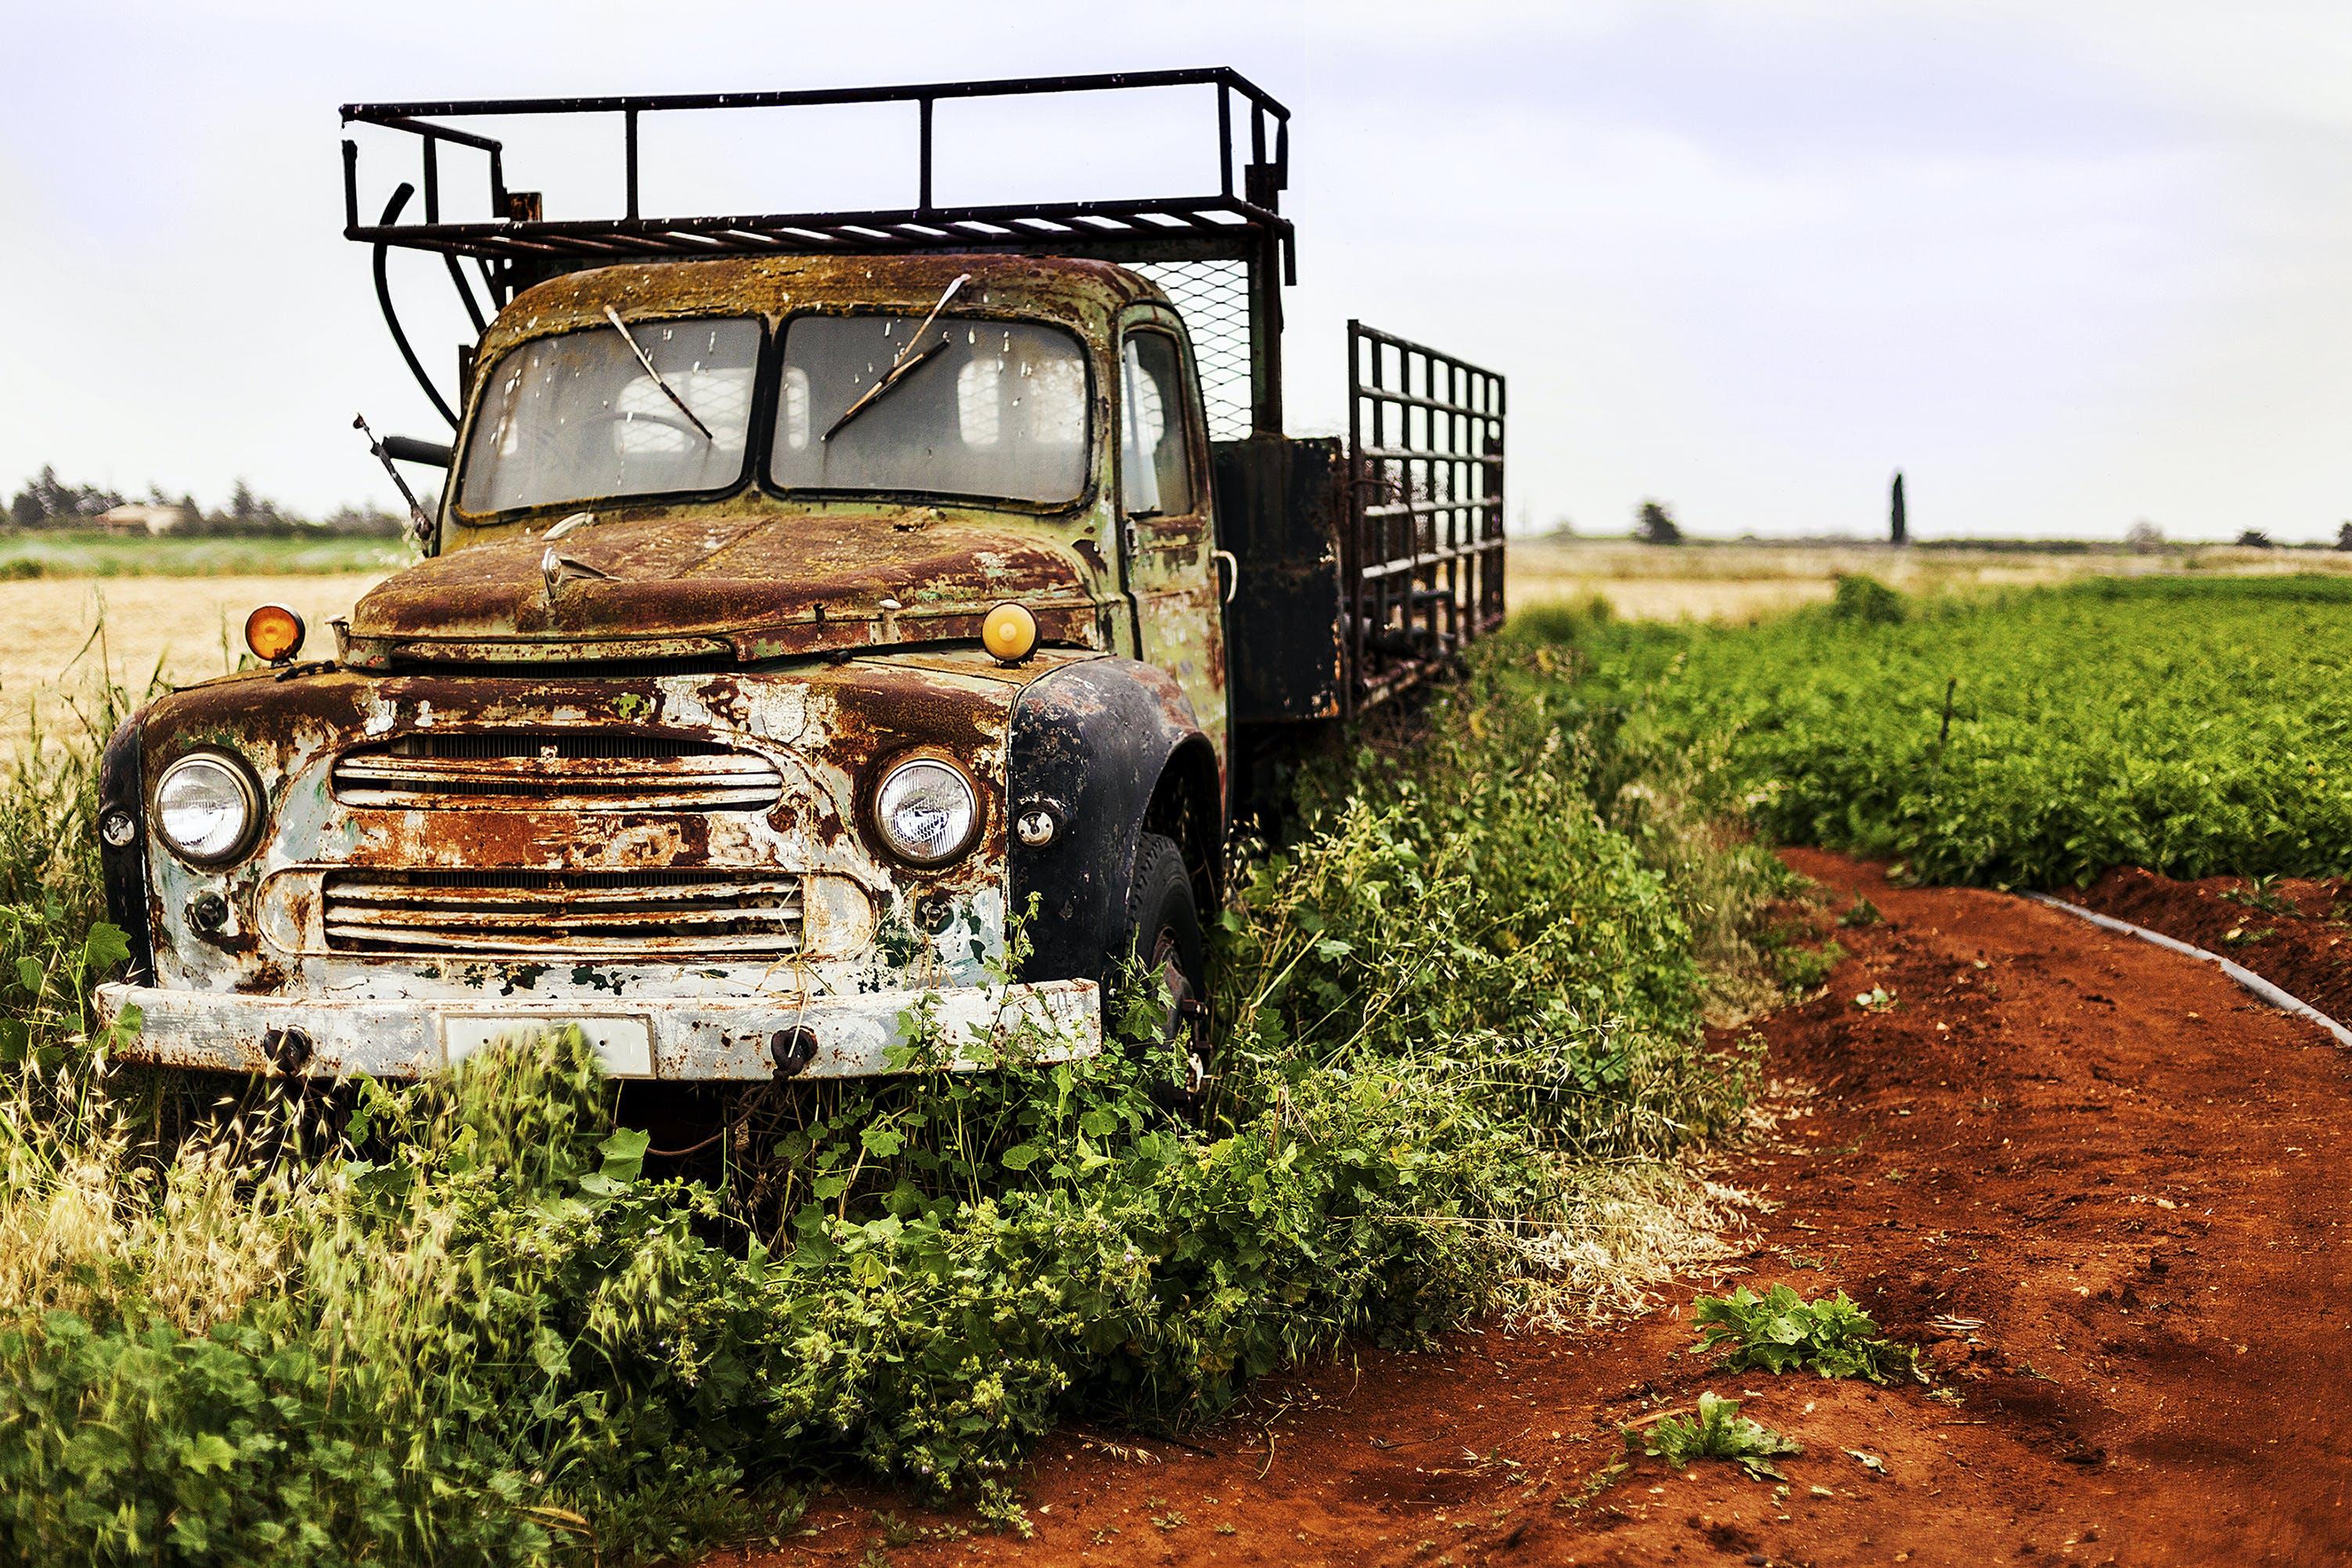 Gratis stockfoto met achtergelaten, apparaat, bodem, boerderij